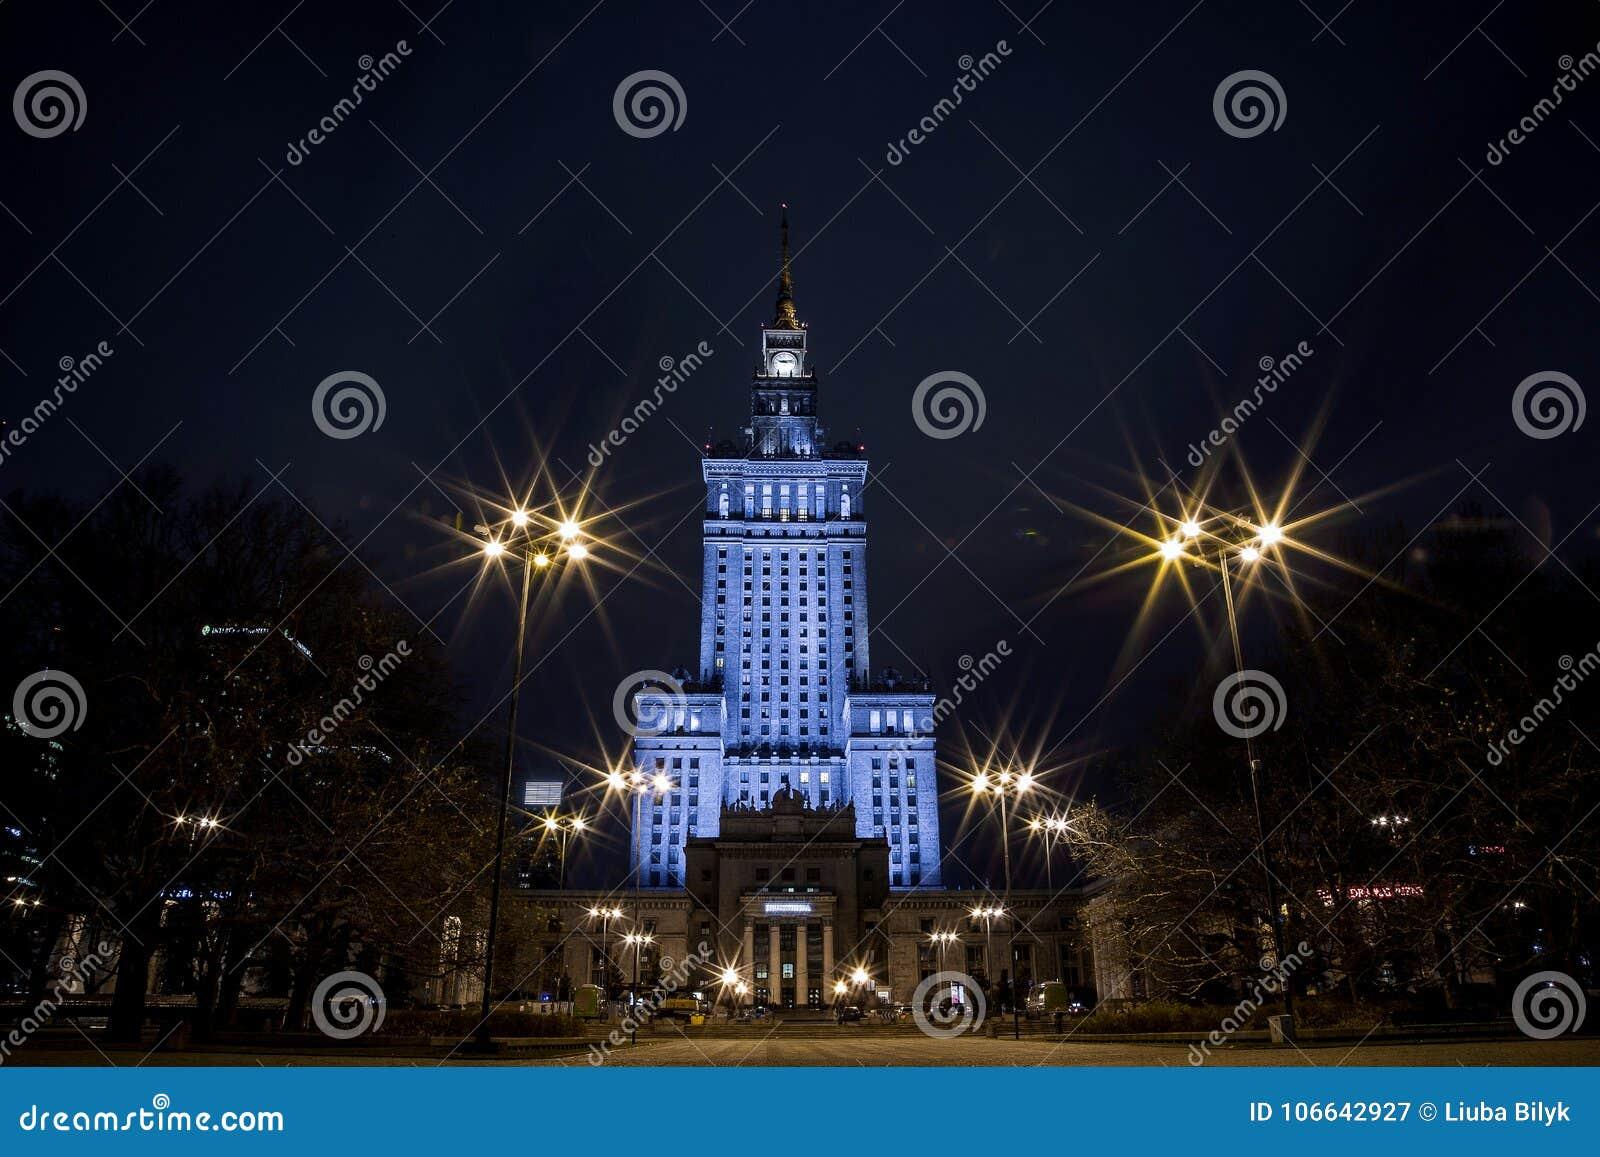 High-rise de bouw Centrum van de Nachtstad van Warshau Warschau polen Polska paleis van cultuur en wetenschap